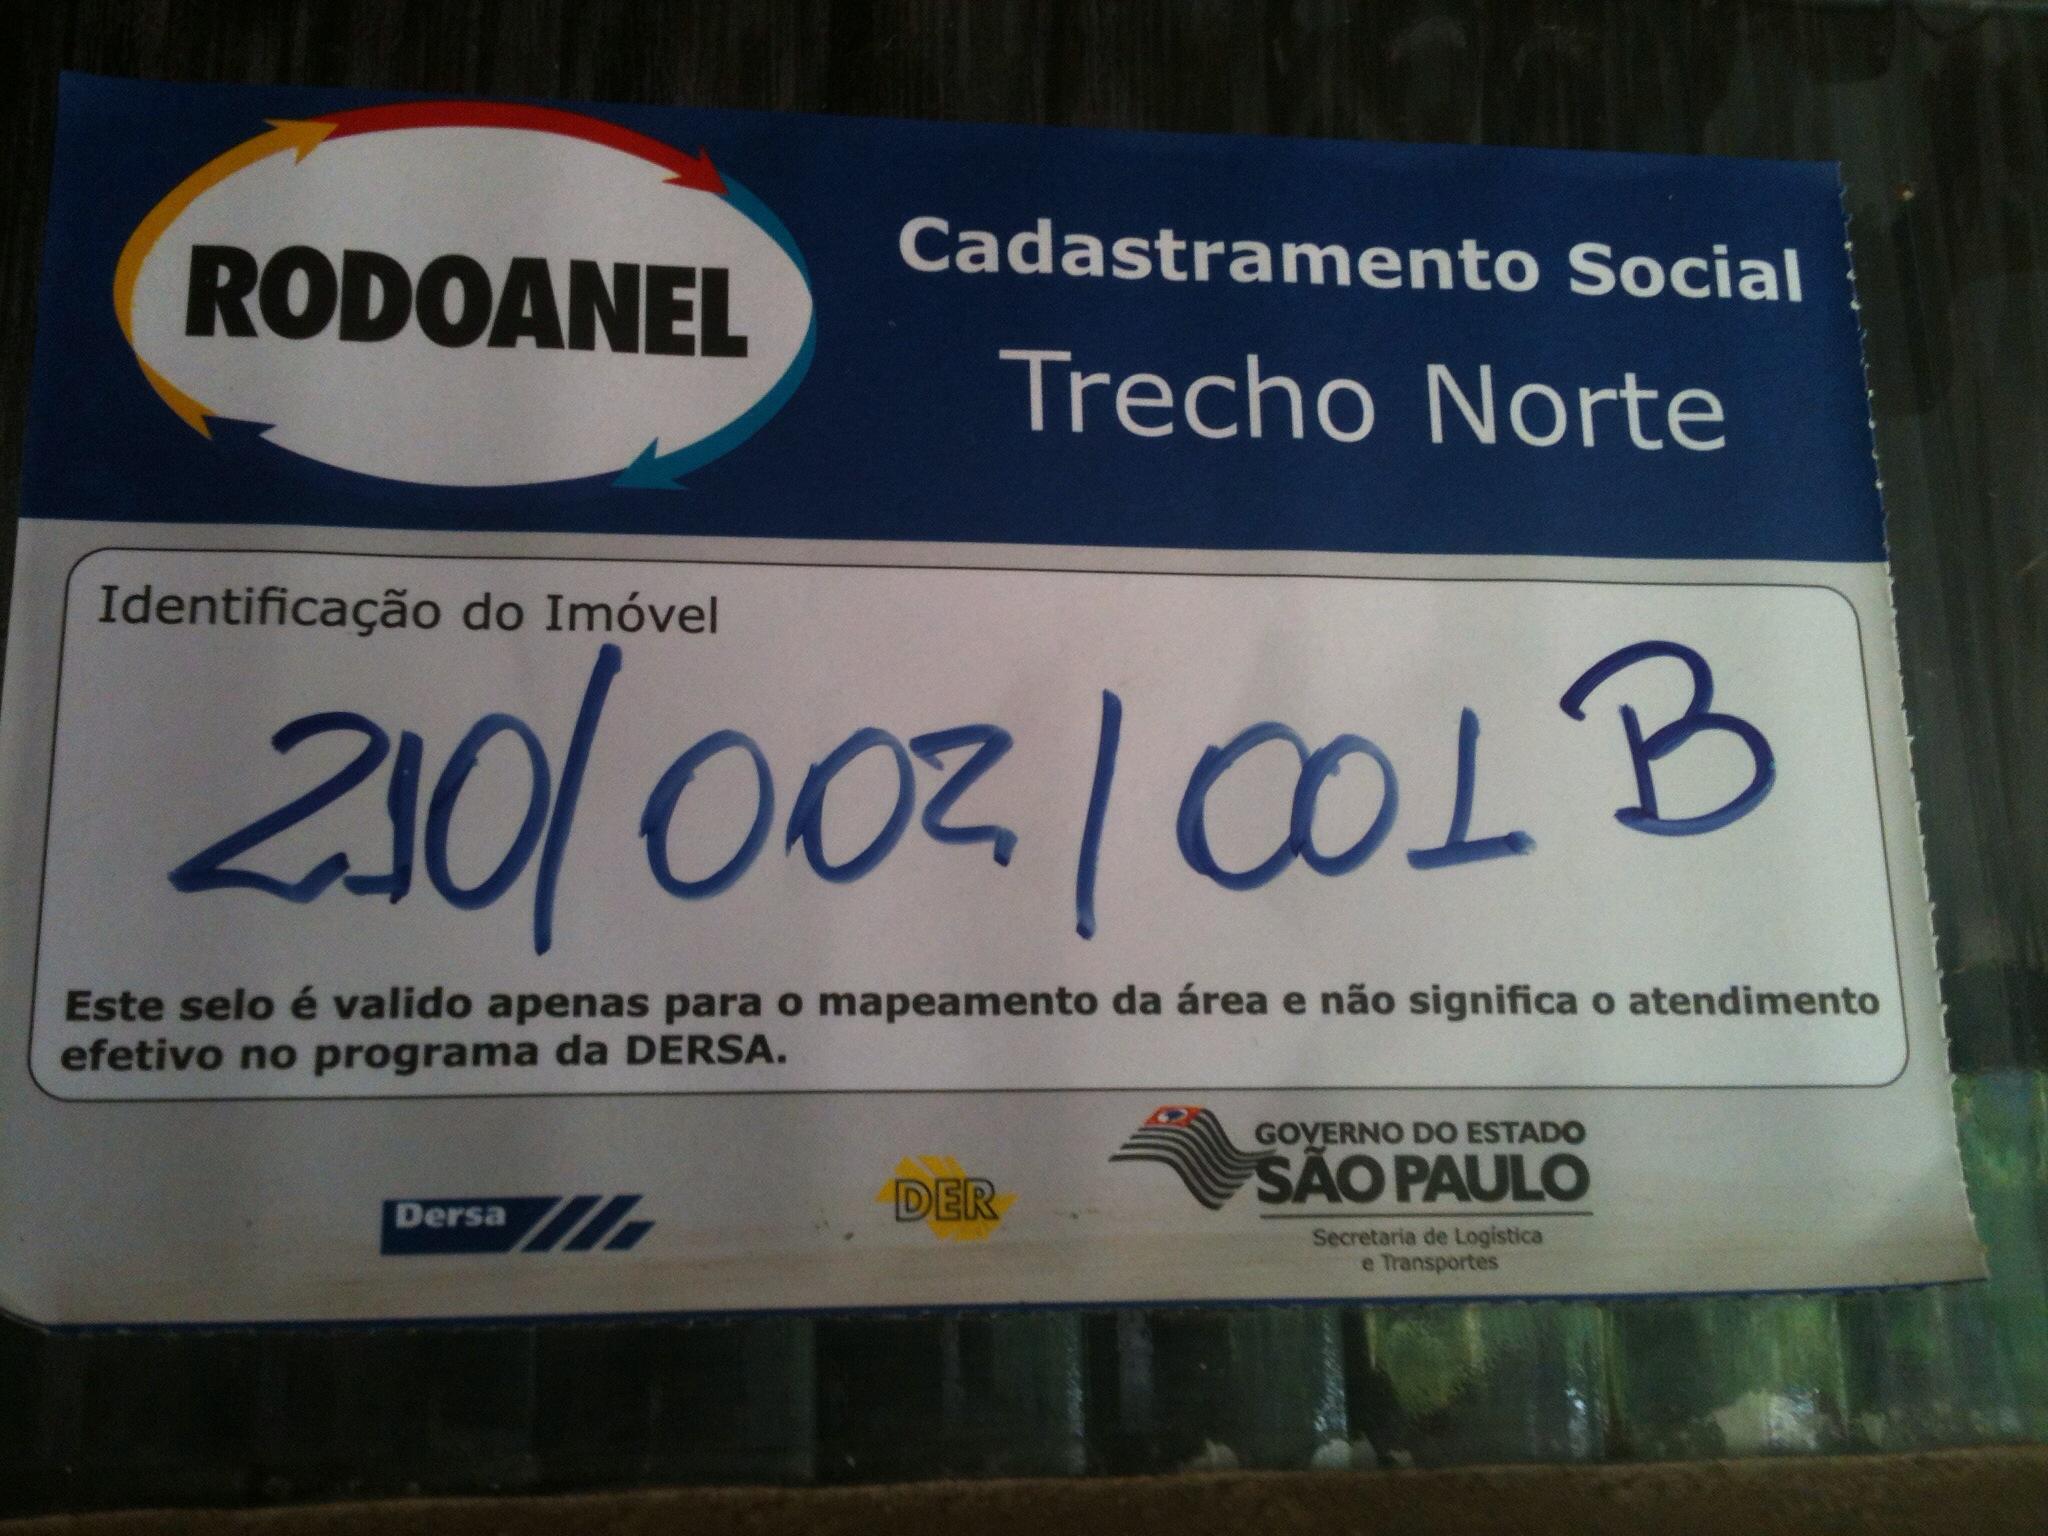 Foto: Conceição Aparecida Santos, canteiro de obras clube da Sabesp, 15/12/13.